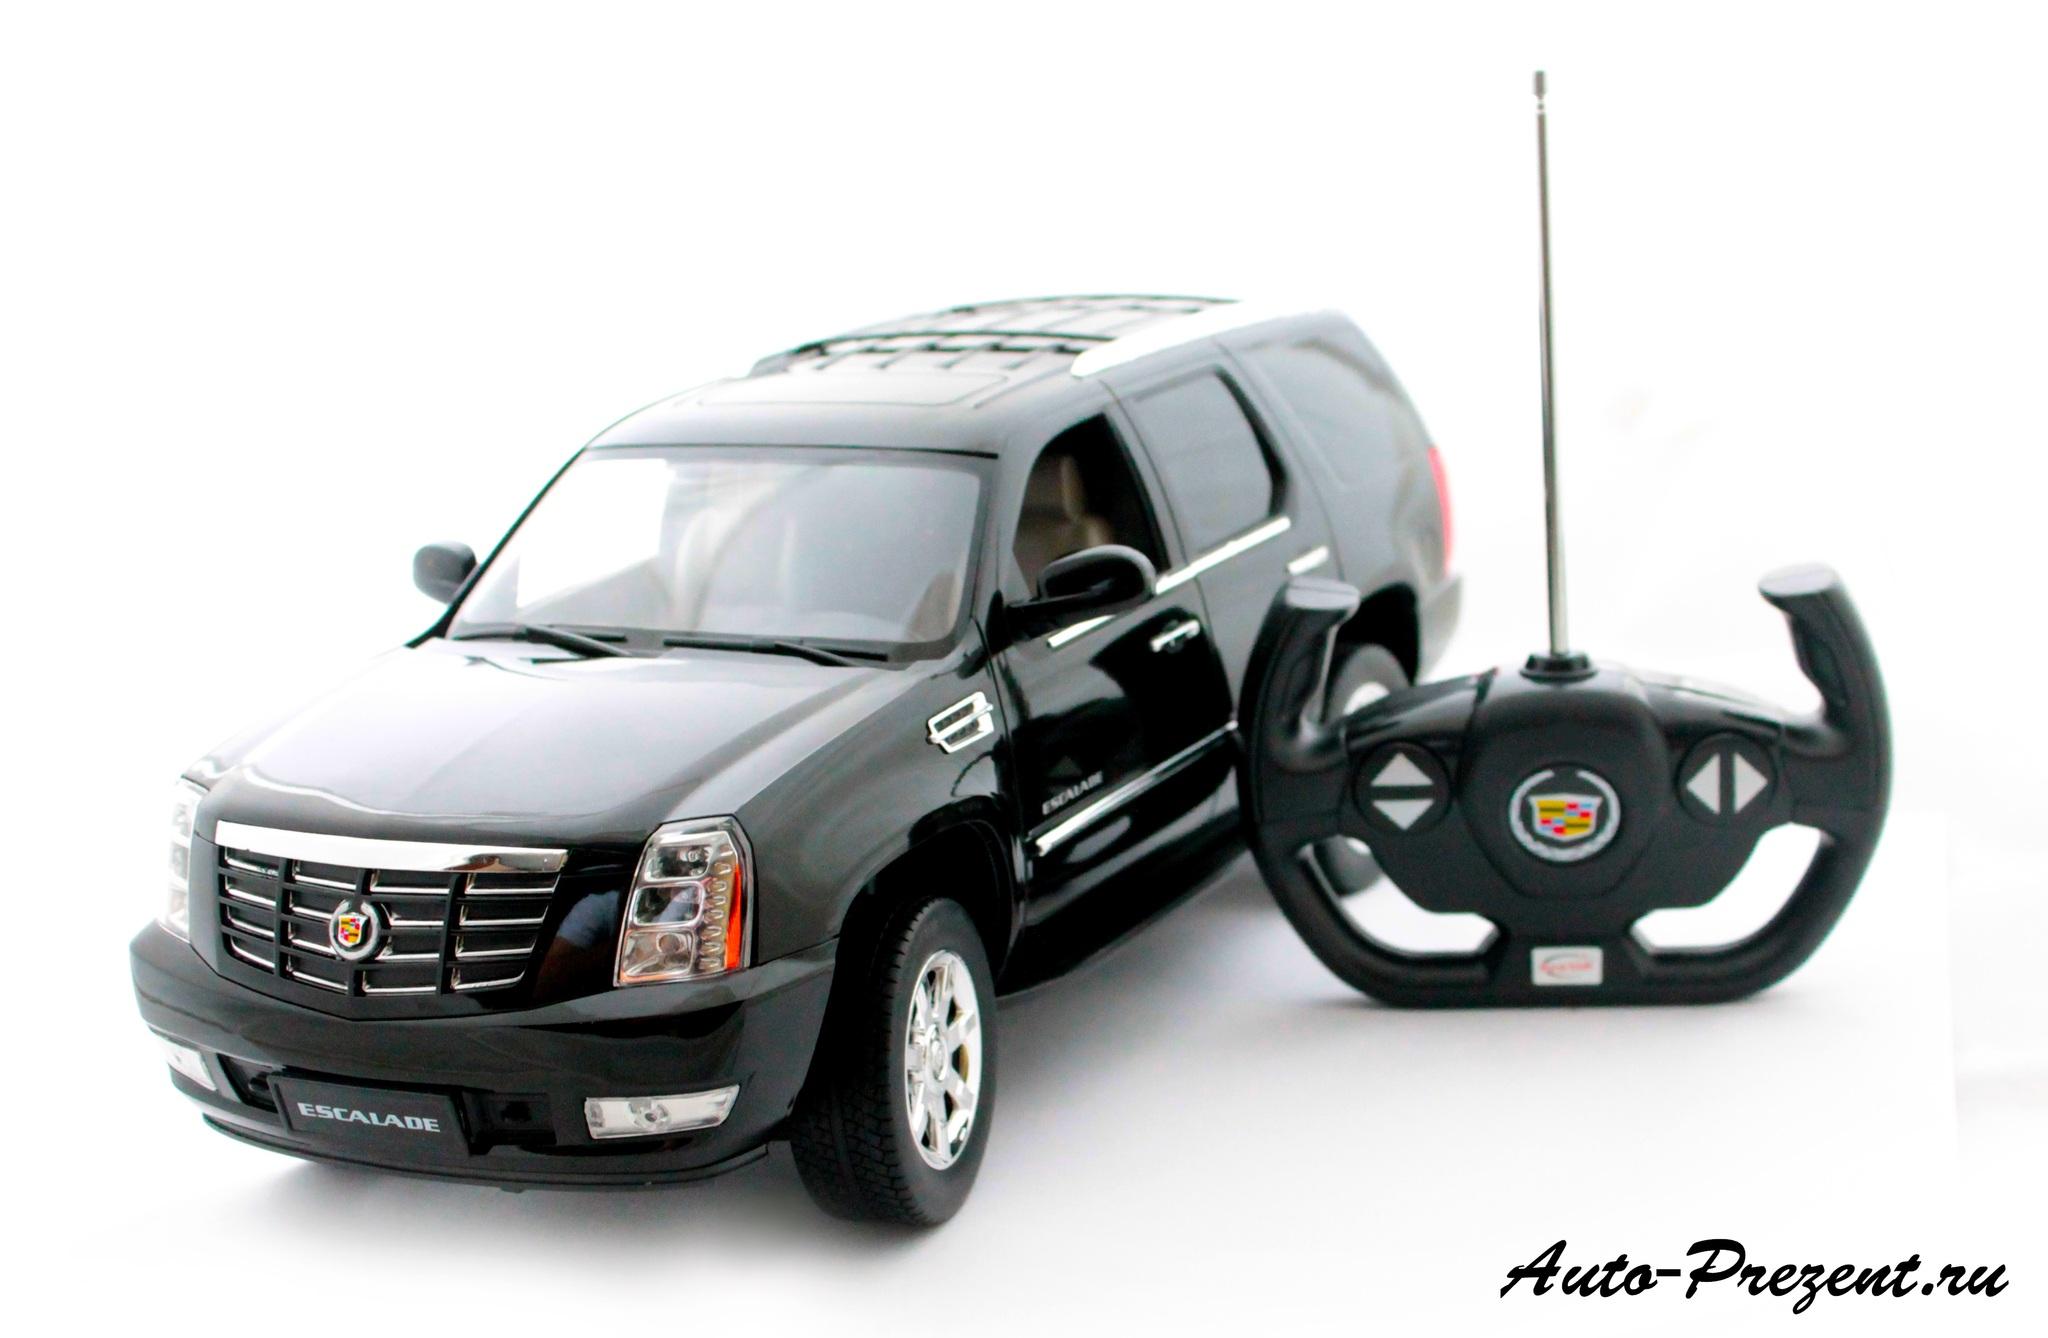 Машинка радиоуправляемая Cadillac Escalade